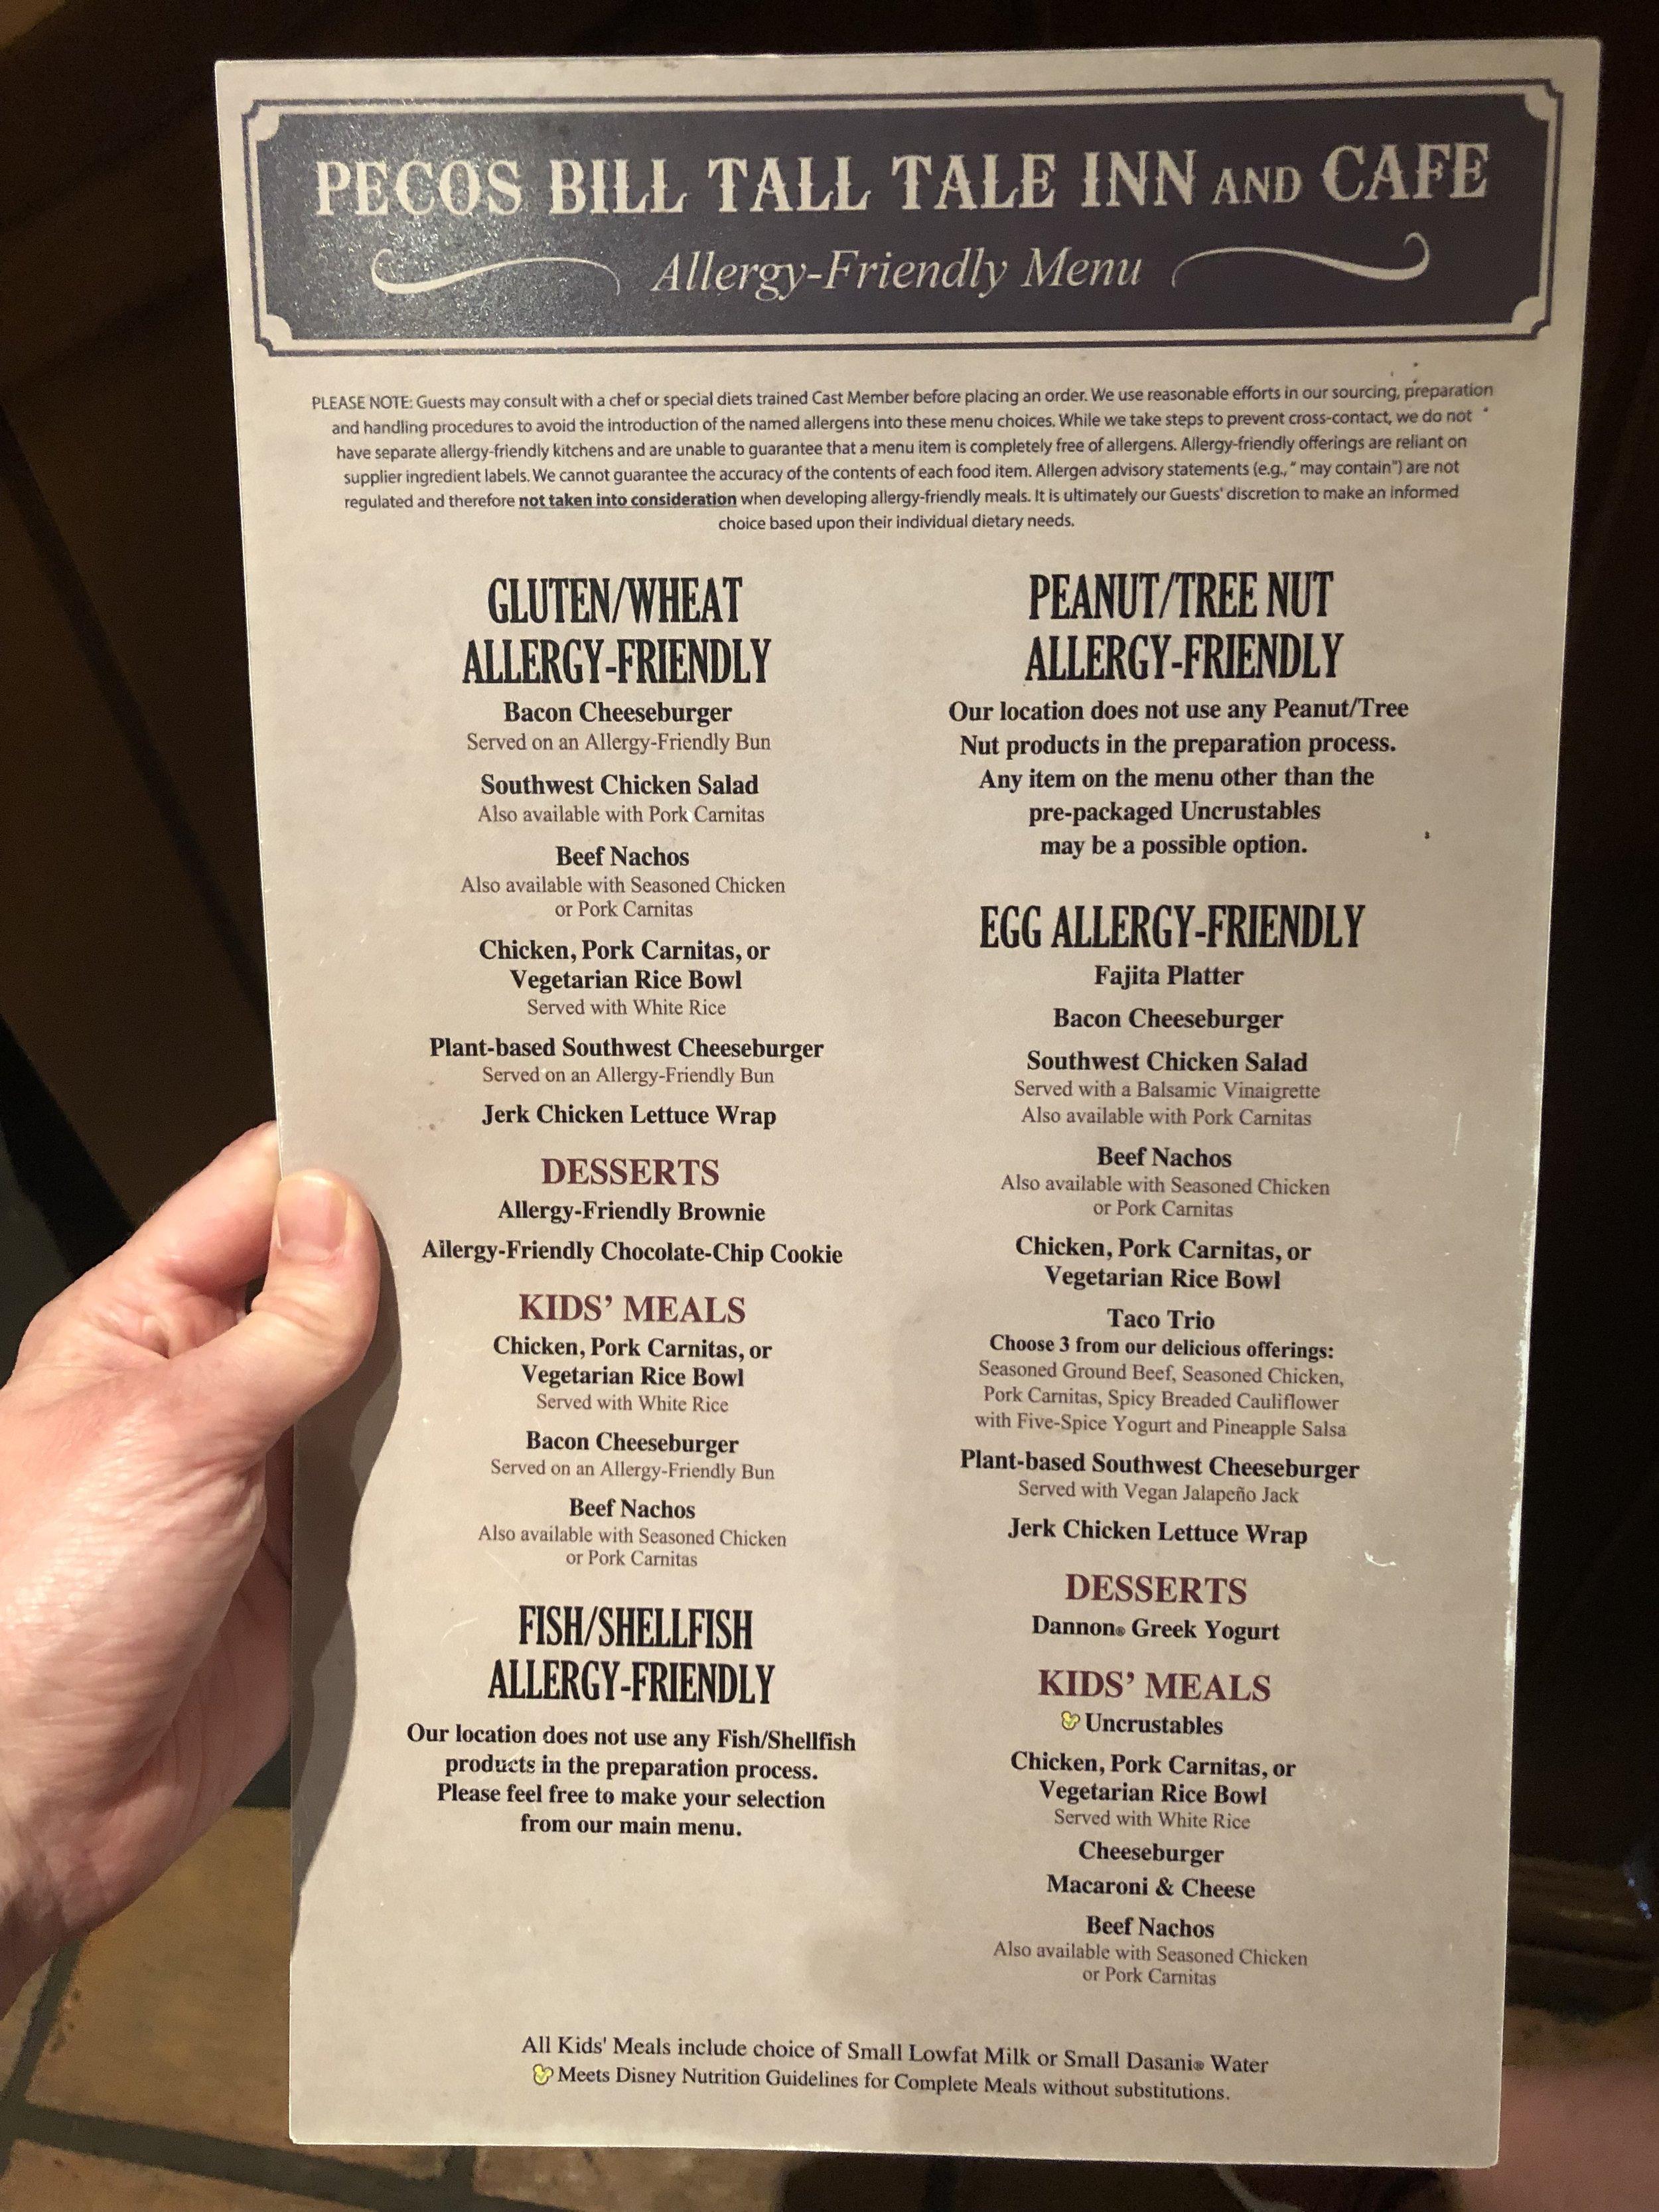 Pecos Bill Tall Tale Inn Allergy Menu at Magic Kingdom in Disney World